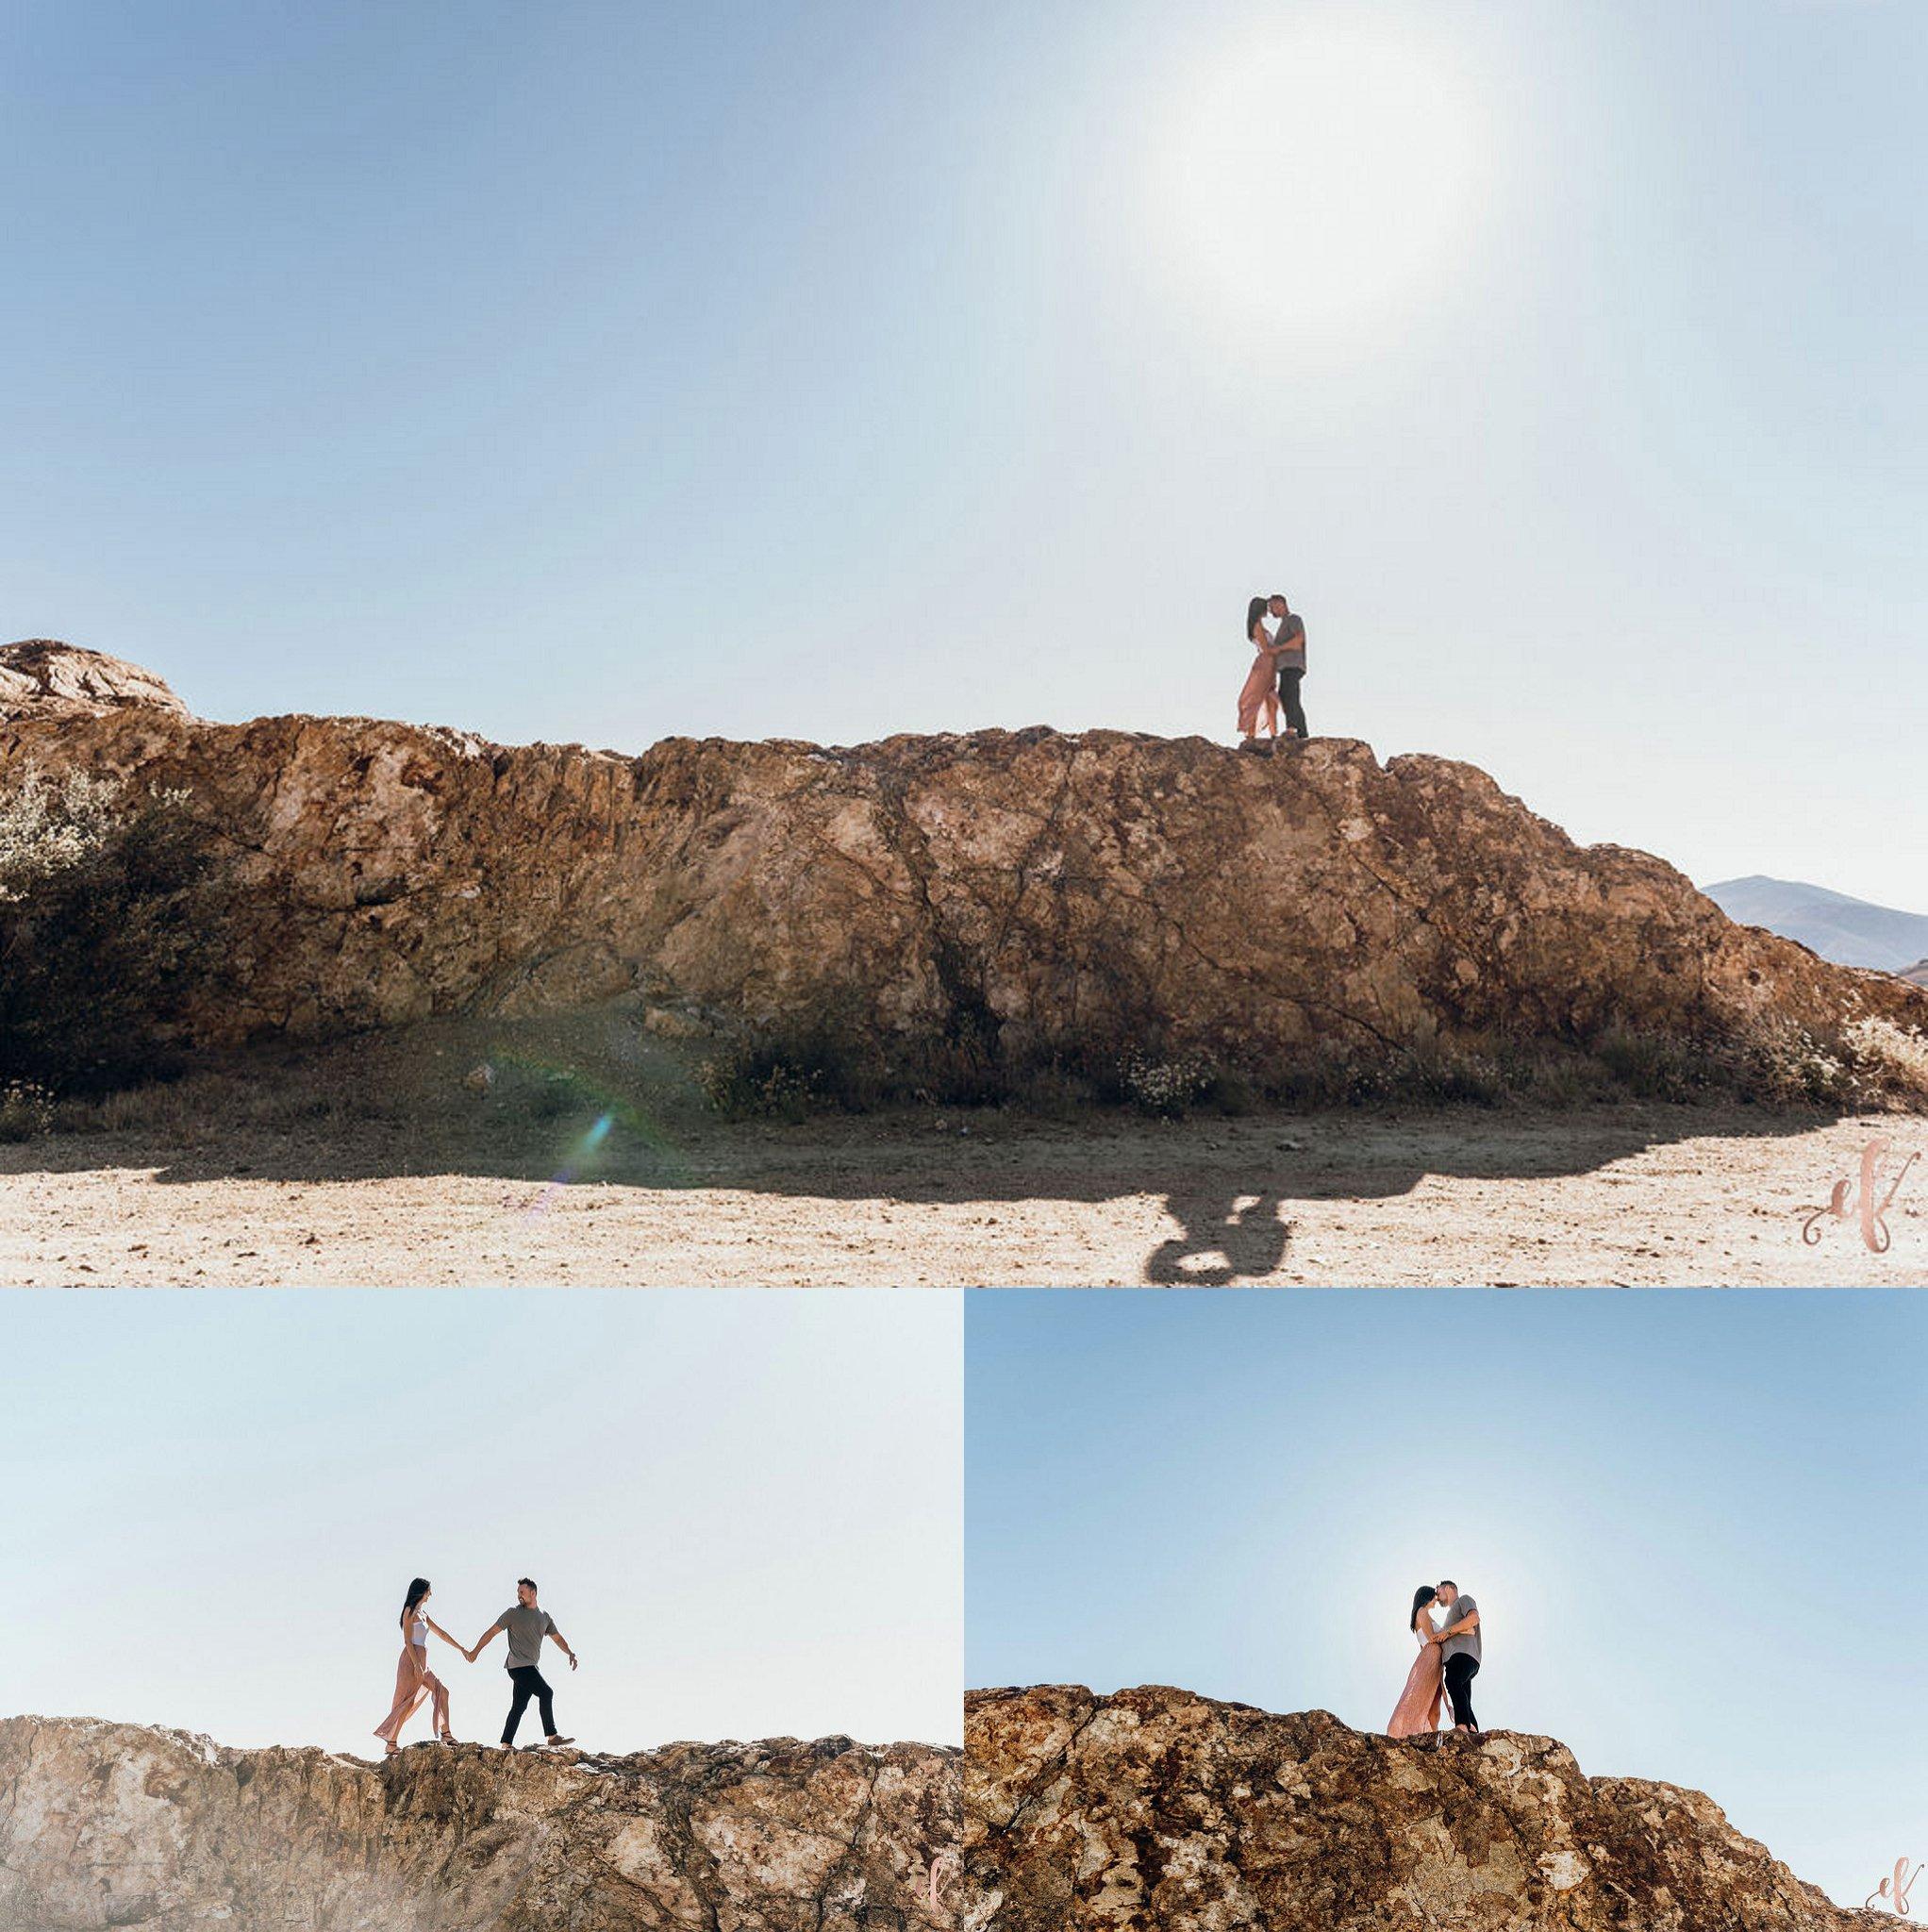 San Diego Emgagement Photography Mount Laguna Sunset Cliffs_0025.jpg